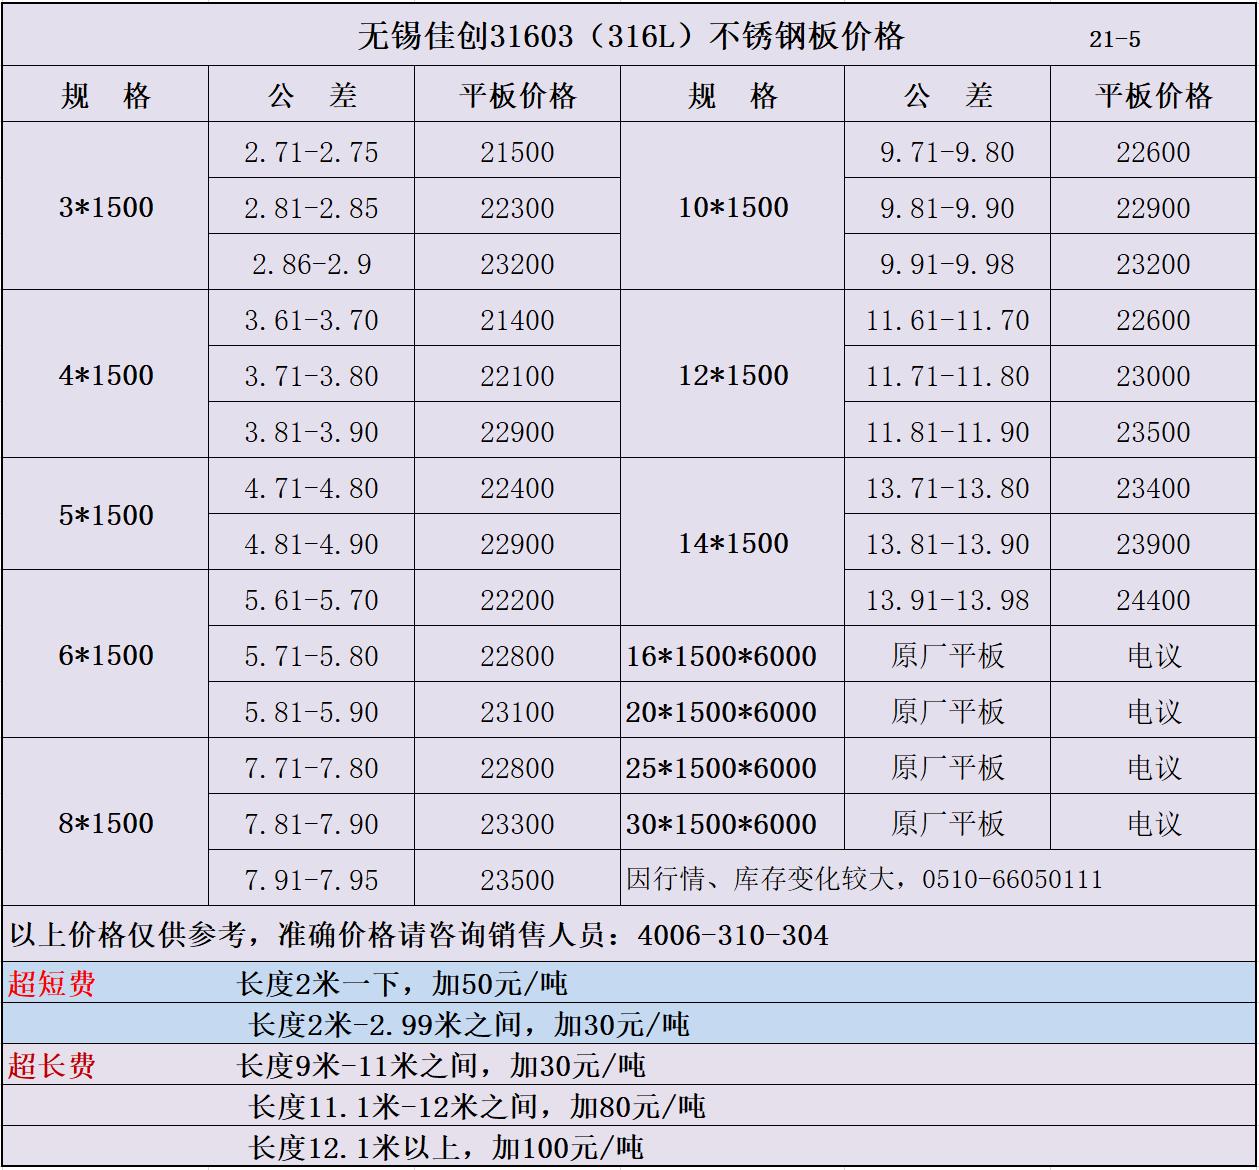 21-5-3熱軋316L價格.png